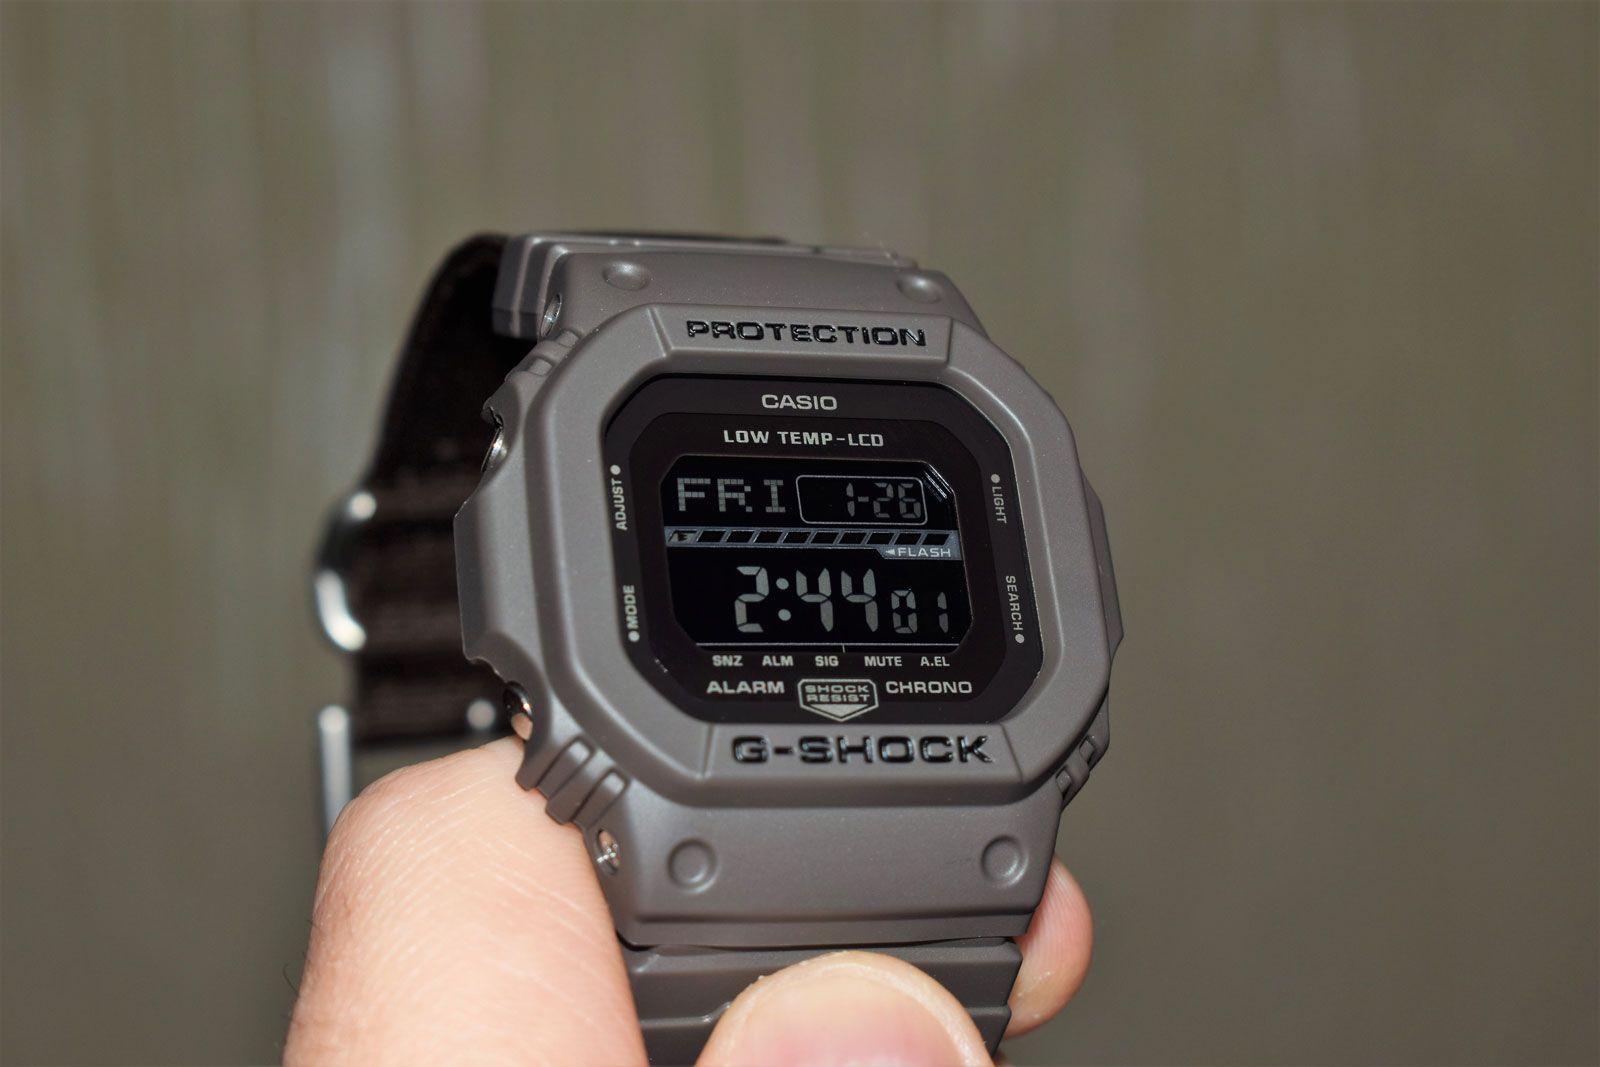 Обзор GLS-5600 — морозостойкость и тканевый ремешок  84c319558a